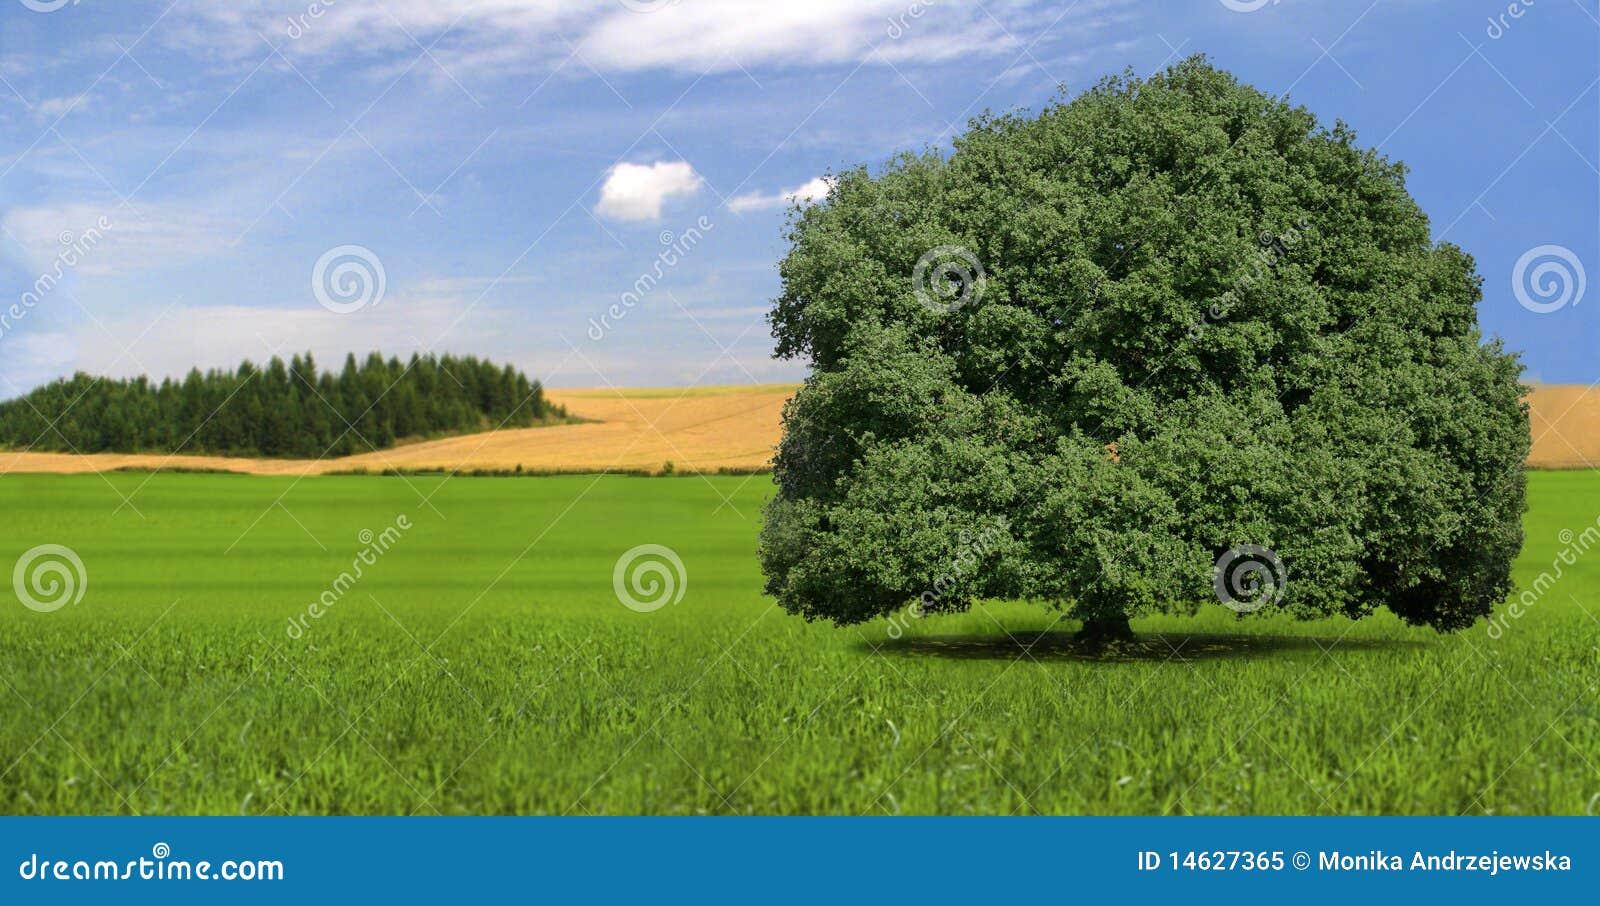 einzelner starker baum auf dem gebiet landschaft sommer lizenzfreies stockfoto bild 14627365. Black Bedroom Furniture Sets. Home Design Ideas